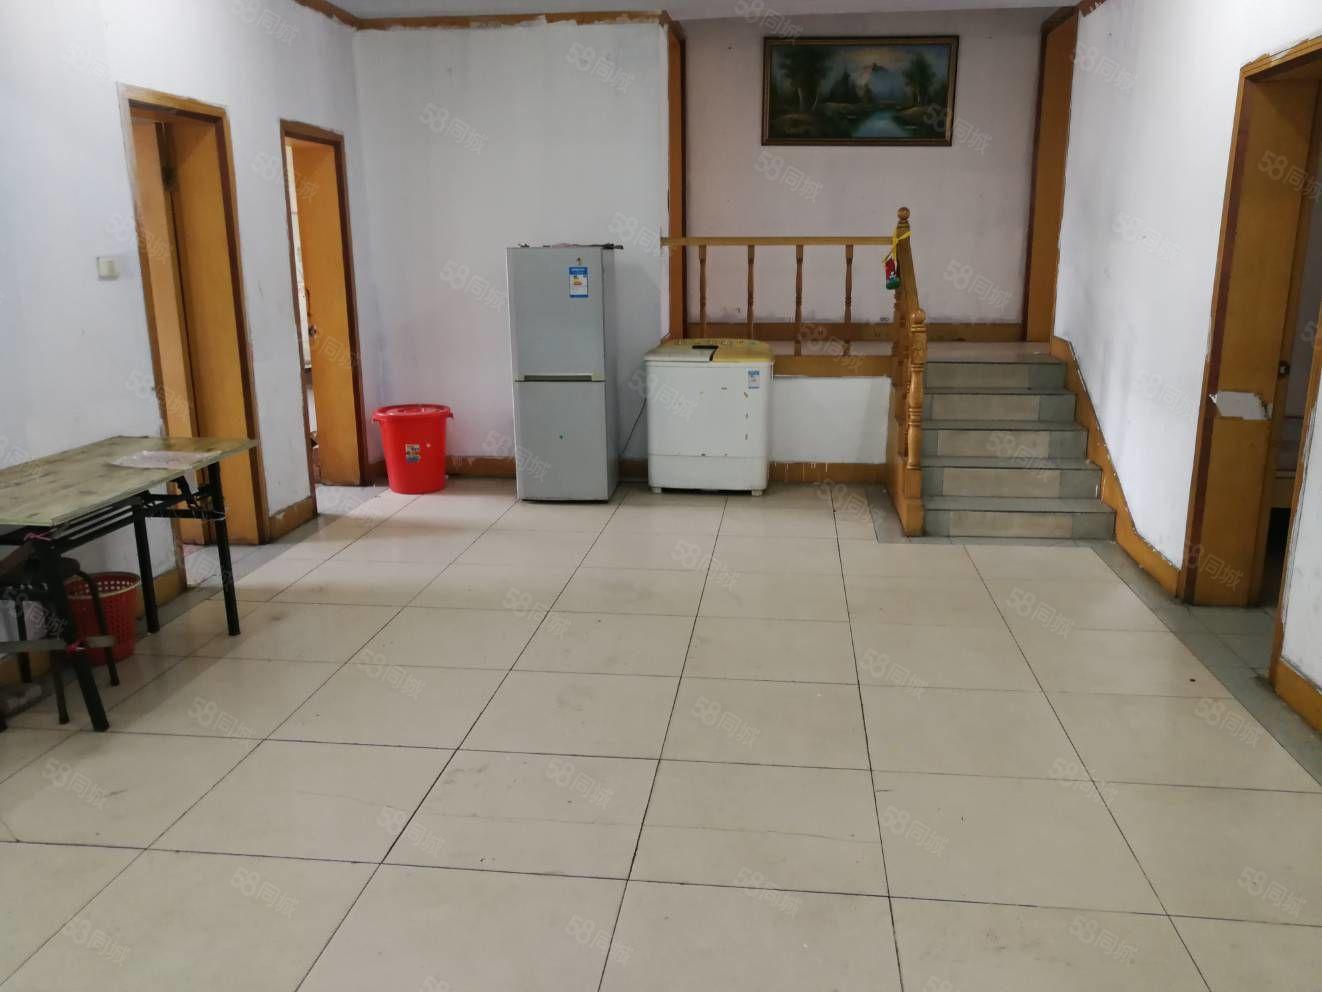 襄阳房产网 20万买长虹路沃尔玛39中旁3楼4室102万松职小区